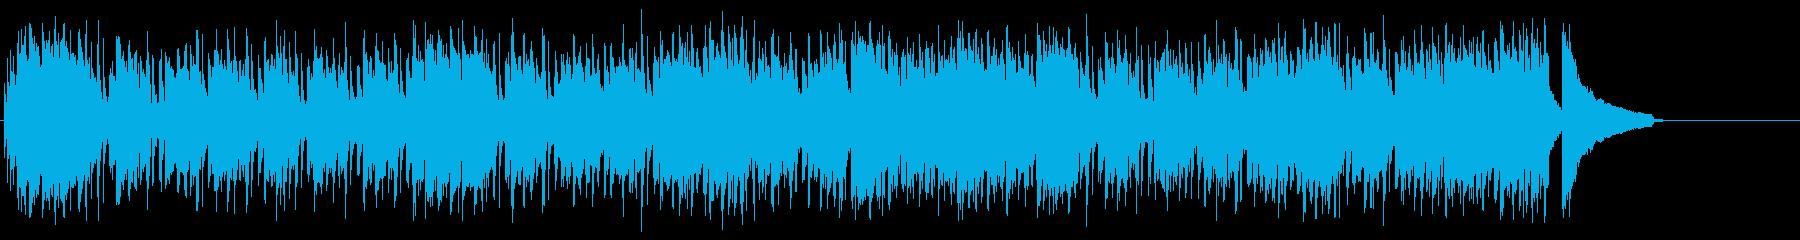 オープニング向き爽快ストレート・ポップスの再生済みの波形